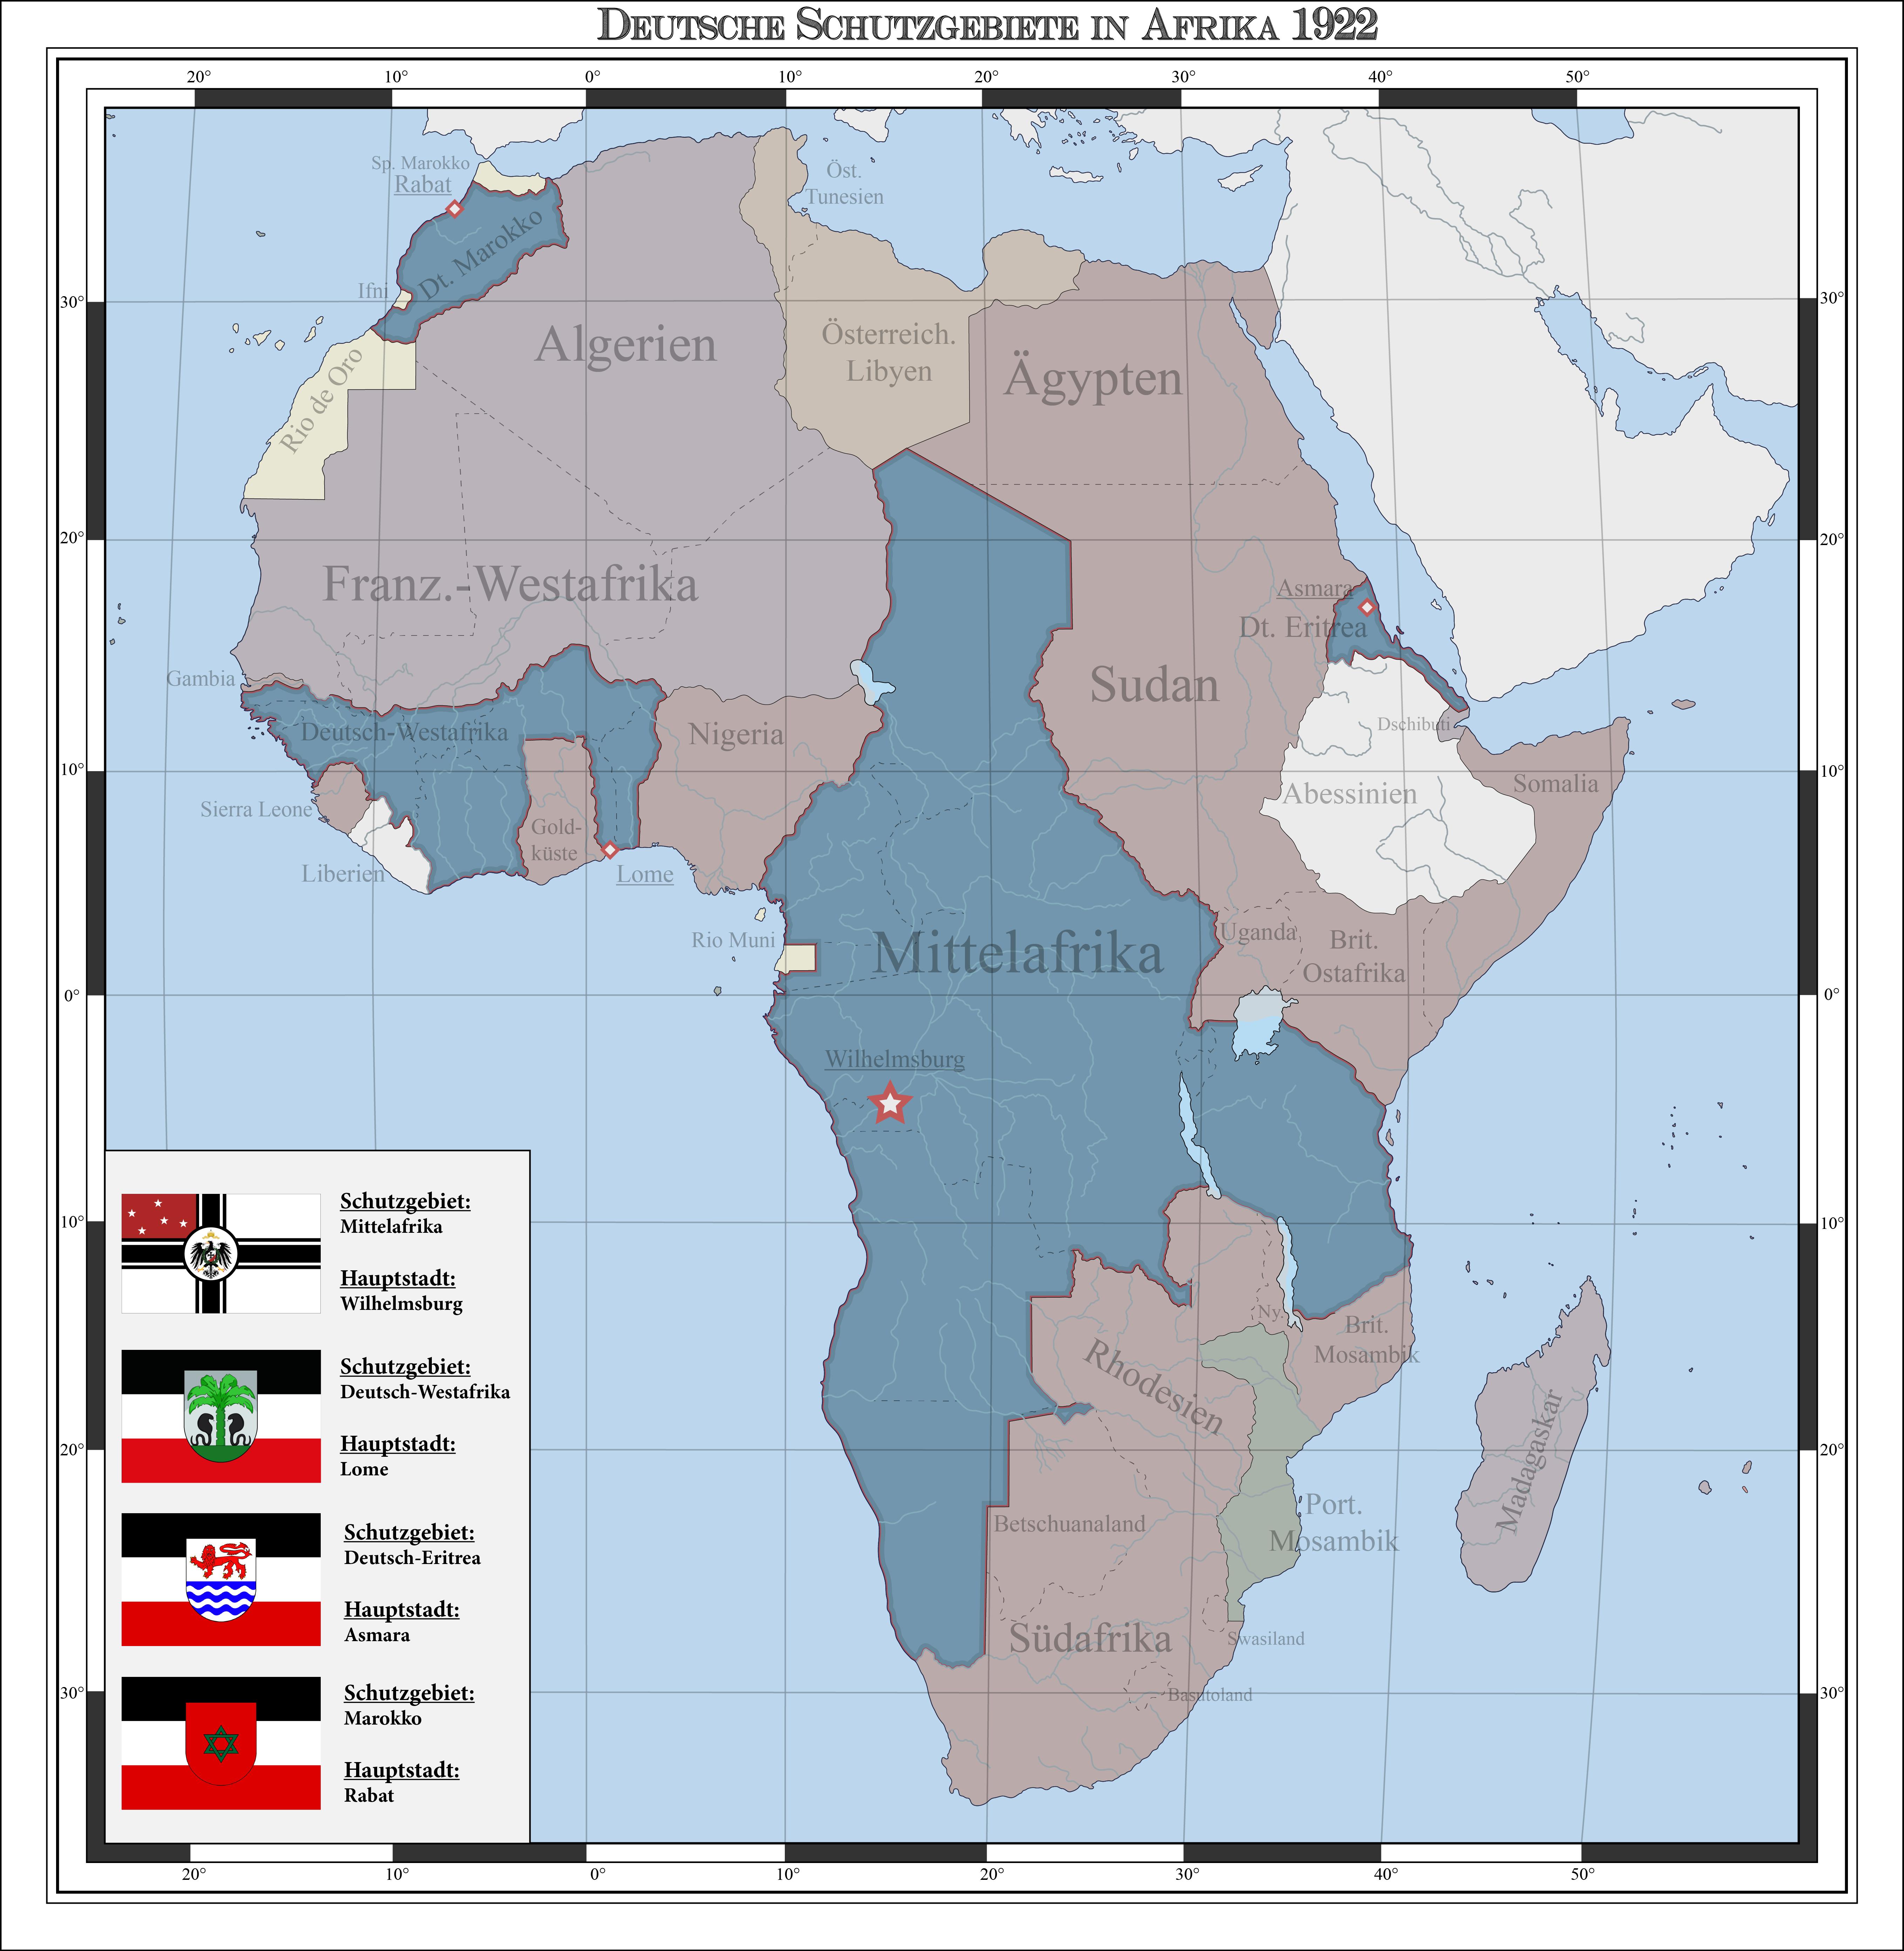 German colonies in Africa 1922 (alternate history) by Arminius1871